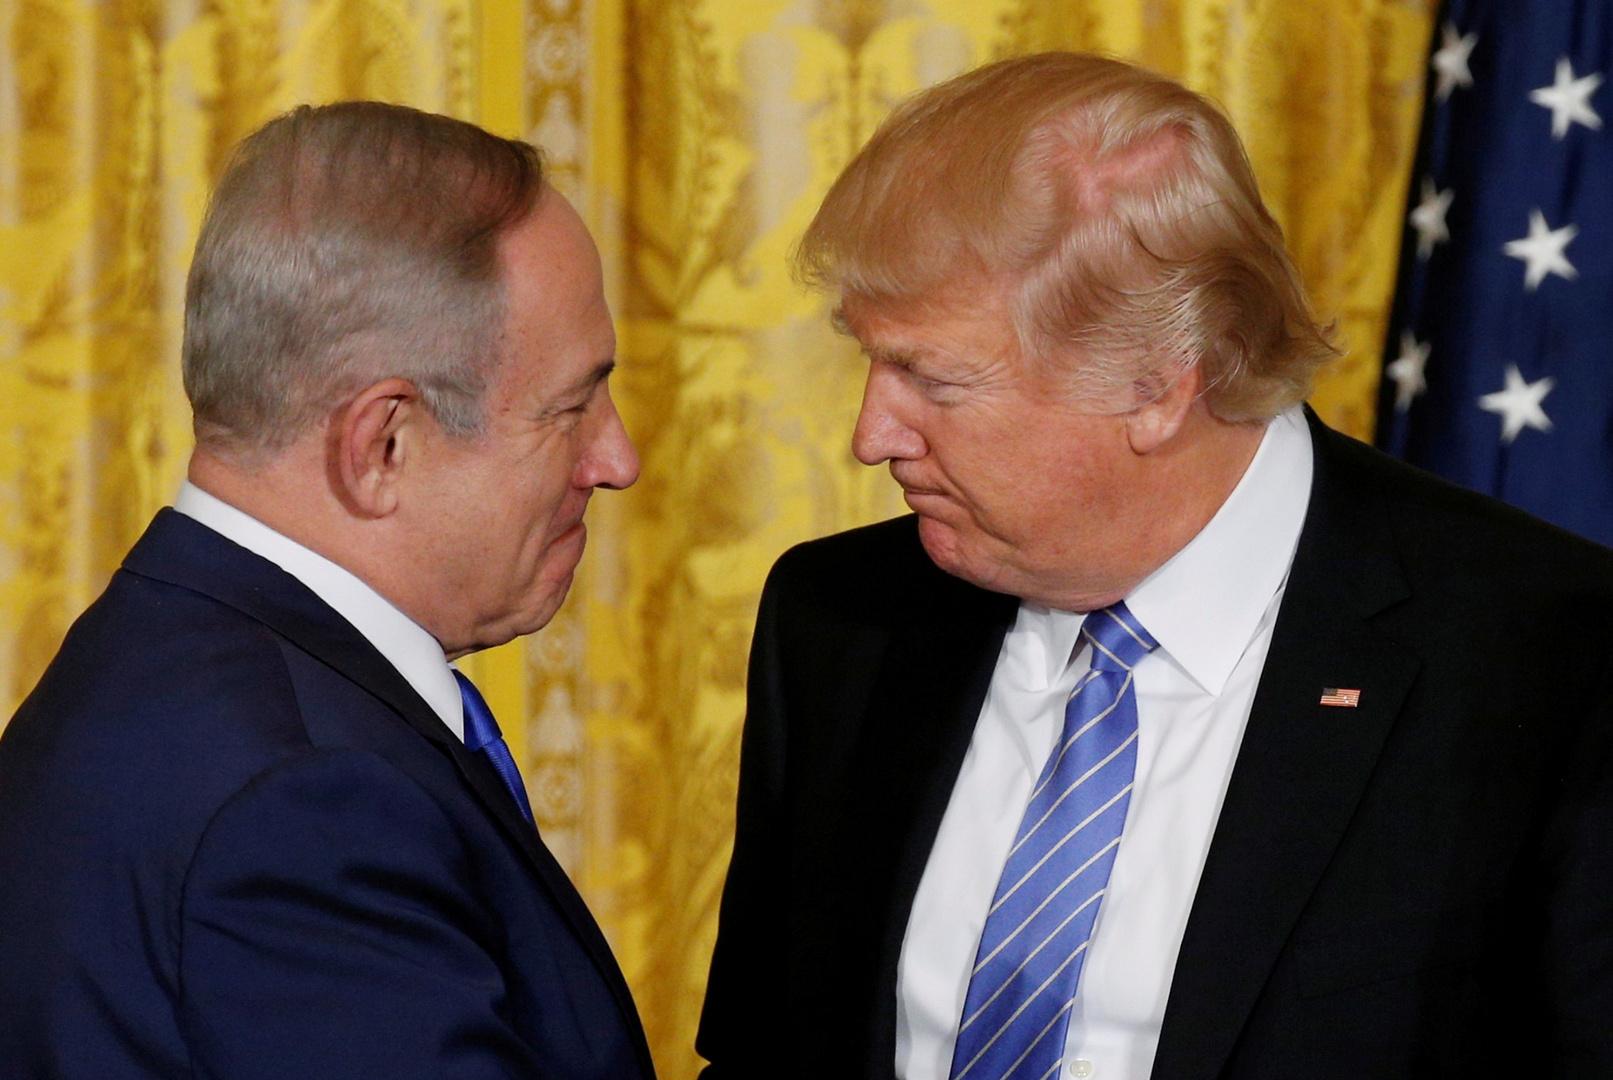 الرئيس الأمريكي، دونالد ترامب، ورئيس الوزراء الإسرائيلي، بنيامين نتنياهو، خلال لقائهما في واشنطن يوم 18 يوليو 2019